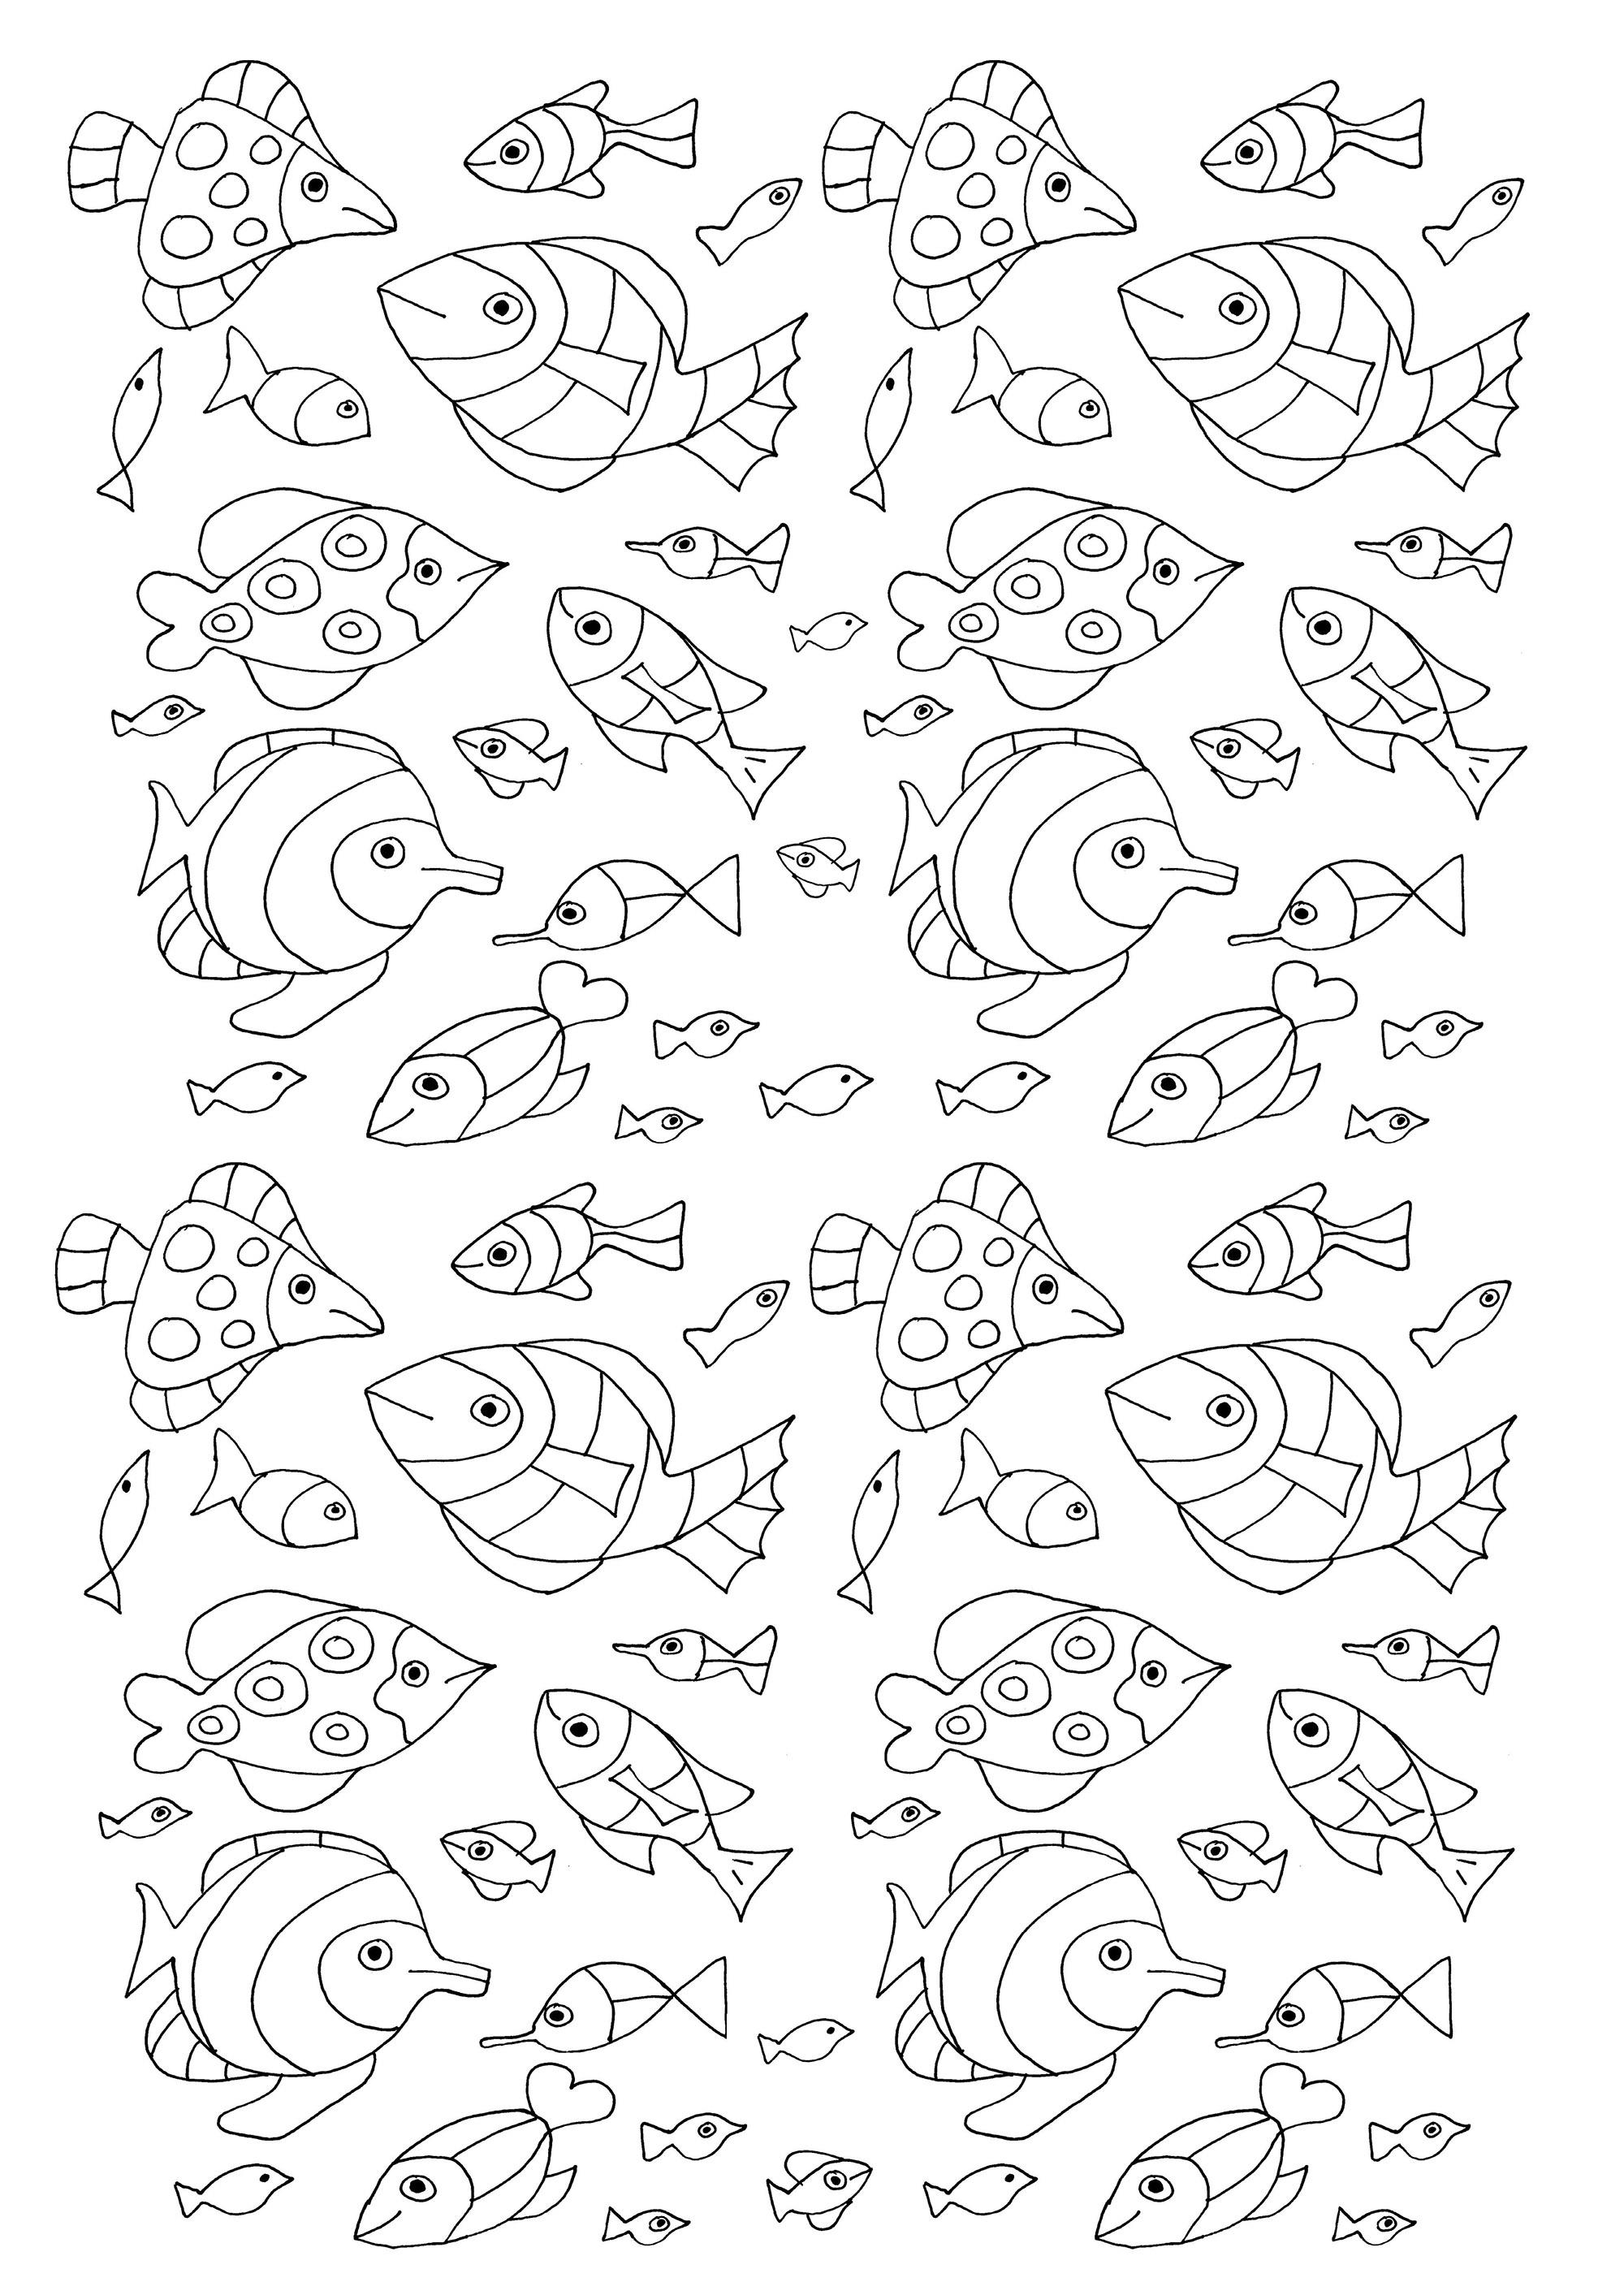 Disegni da colorare per adulti : Pesci - 22